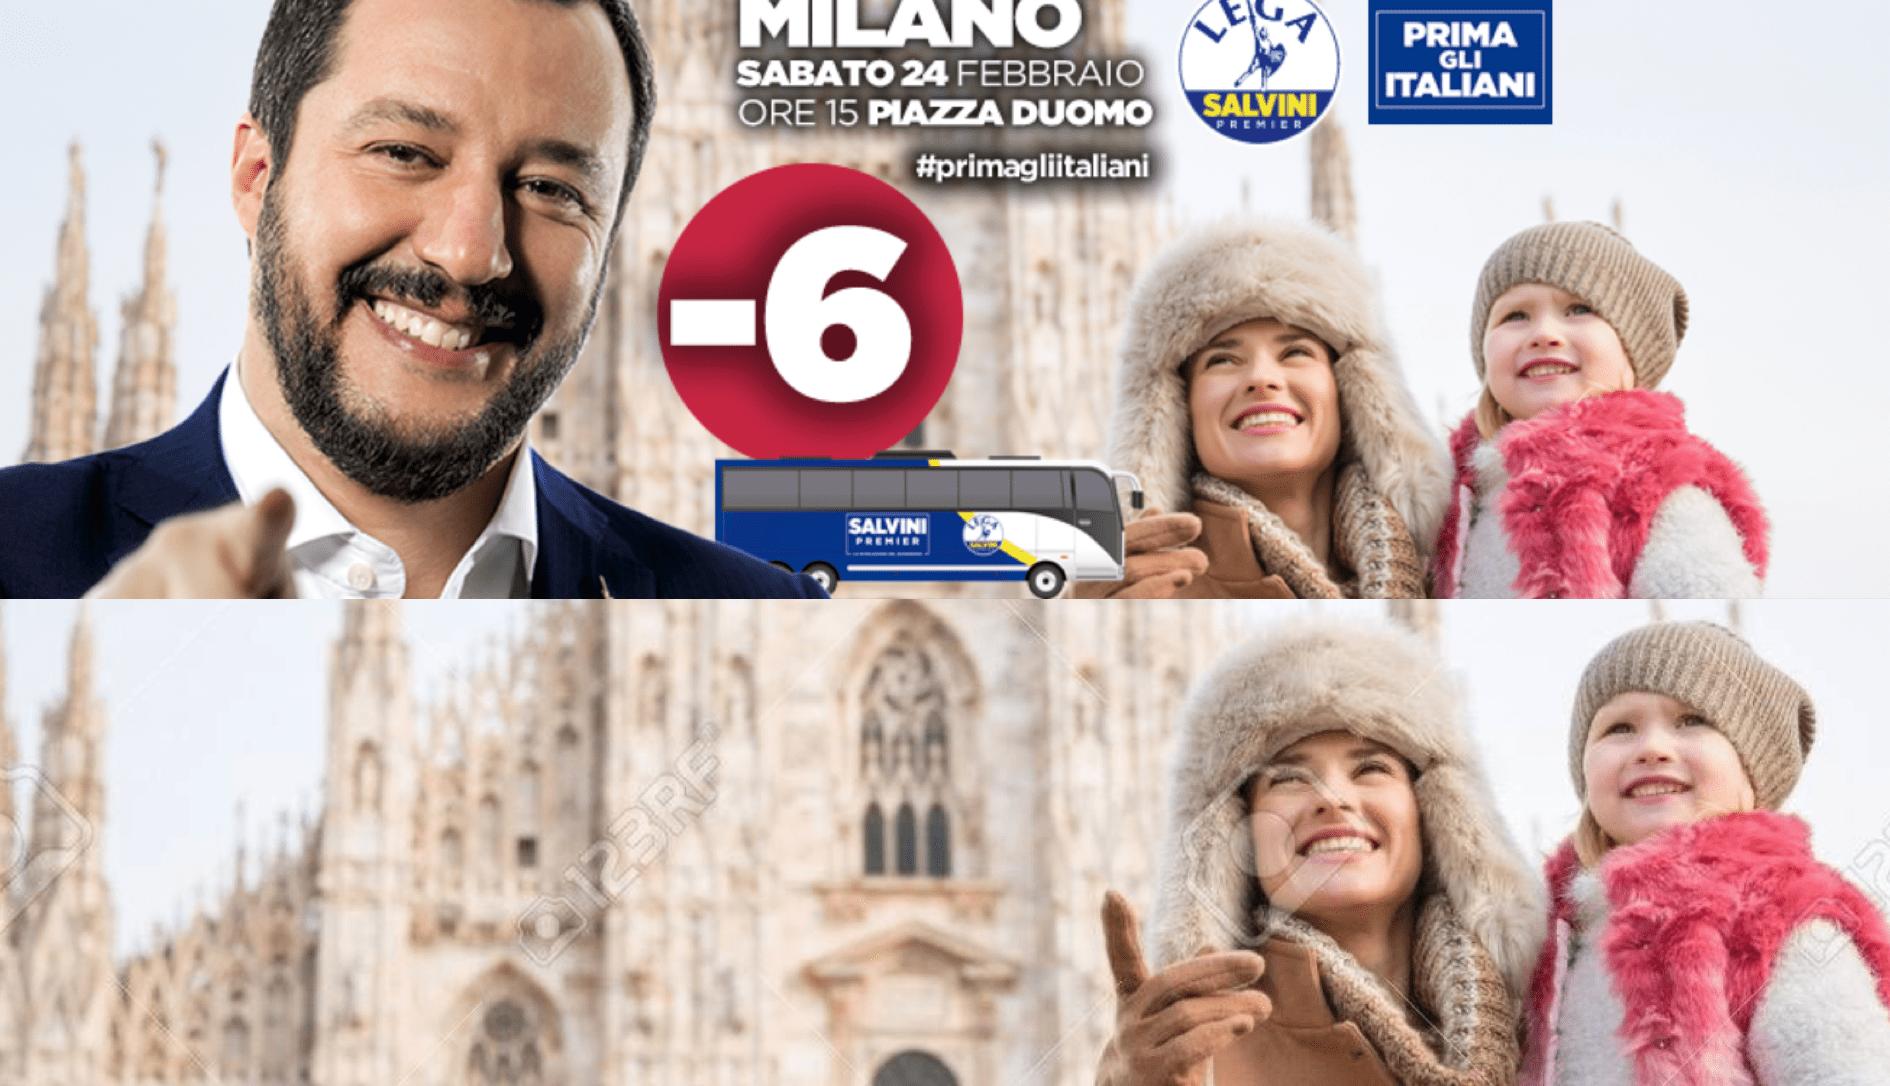 Salvini e manifesti Prima gli italiani senza neanche un italiano